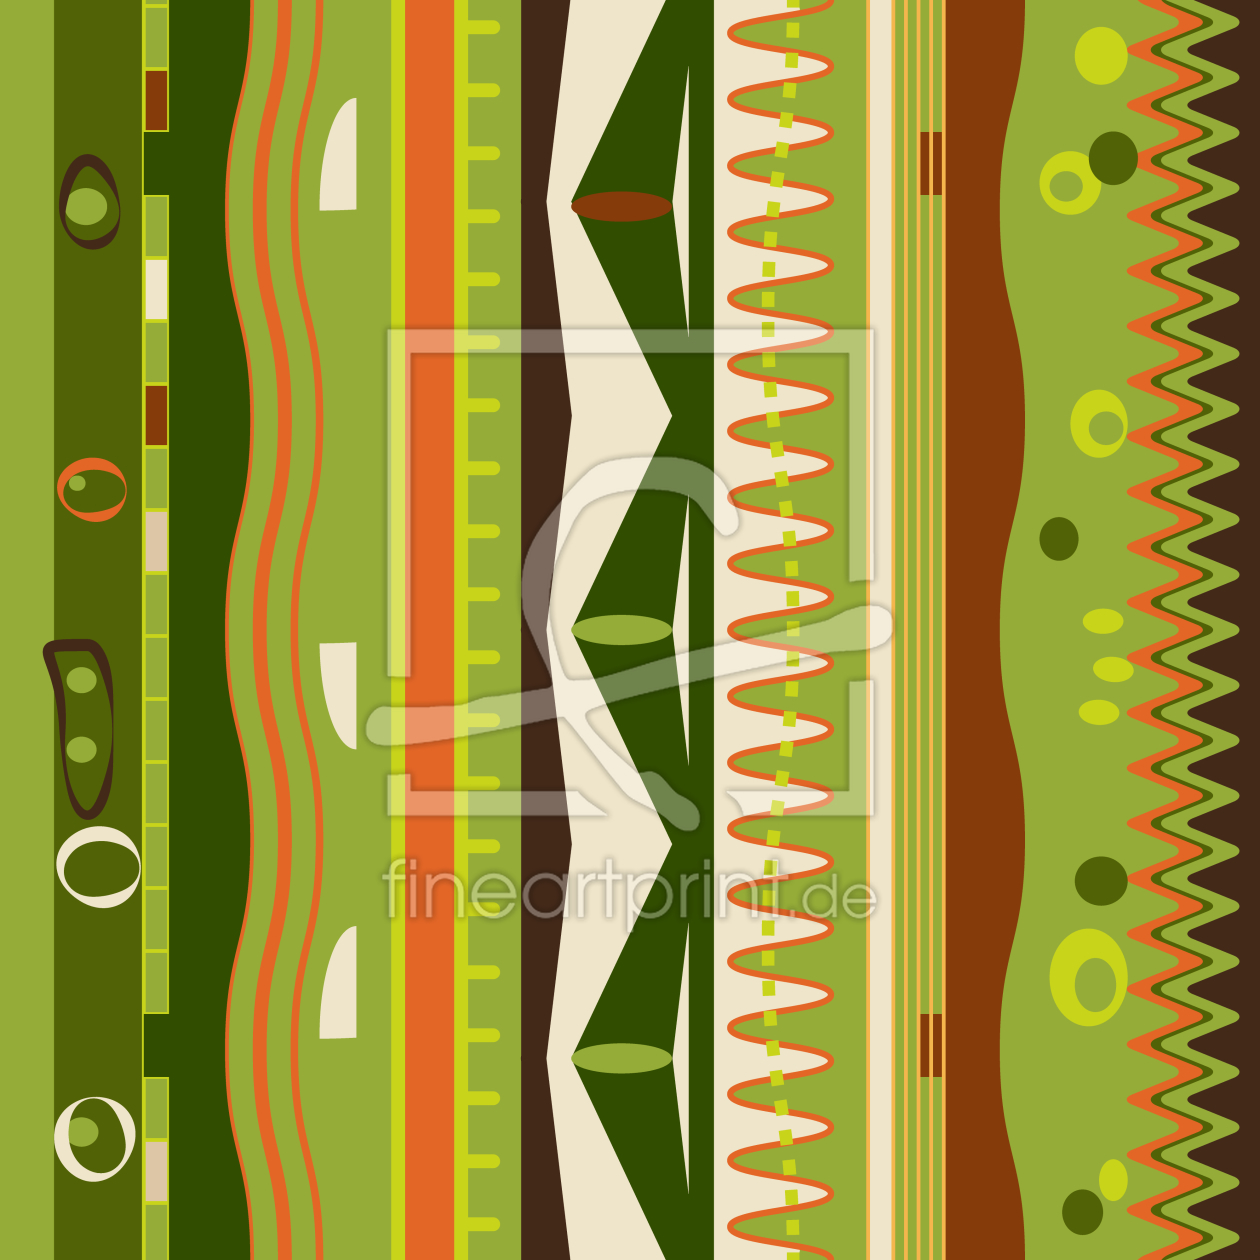 Streifen an die wand als leinwand von patterndesigns - Streifen an die wand malen ...